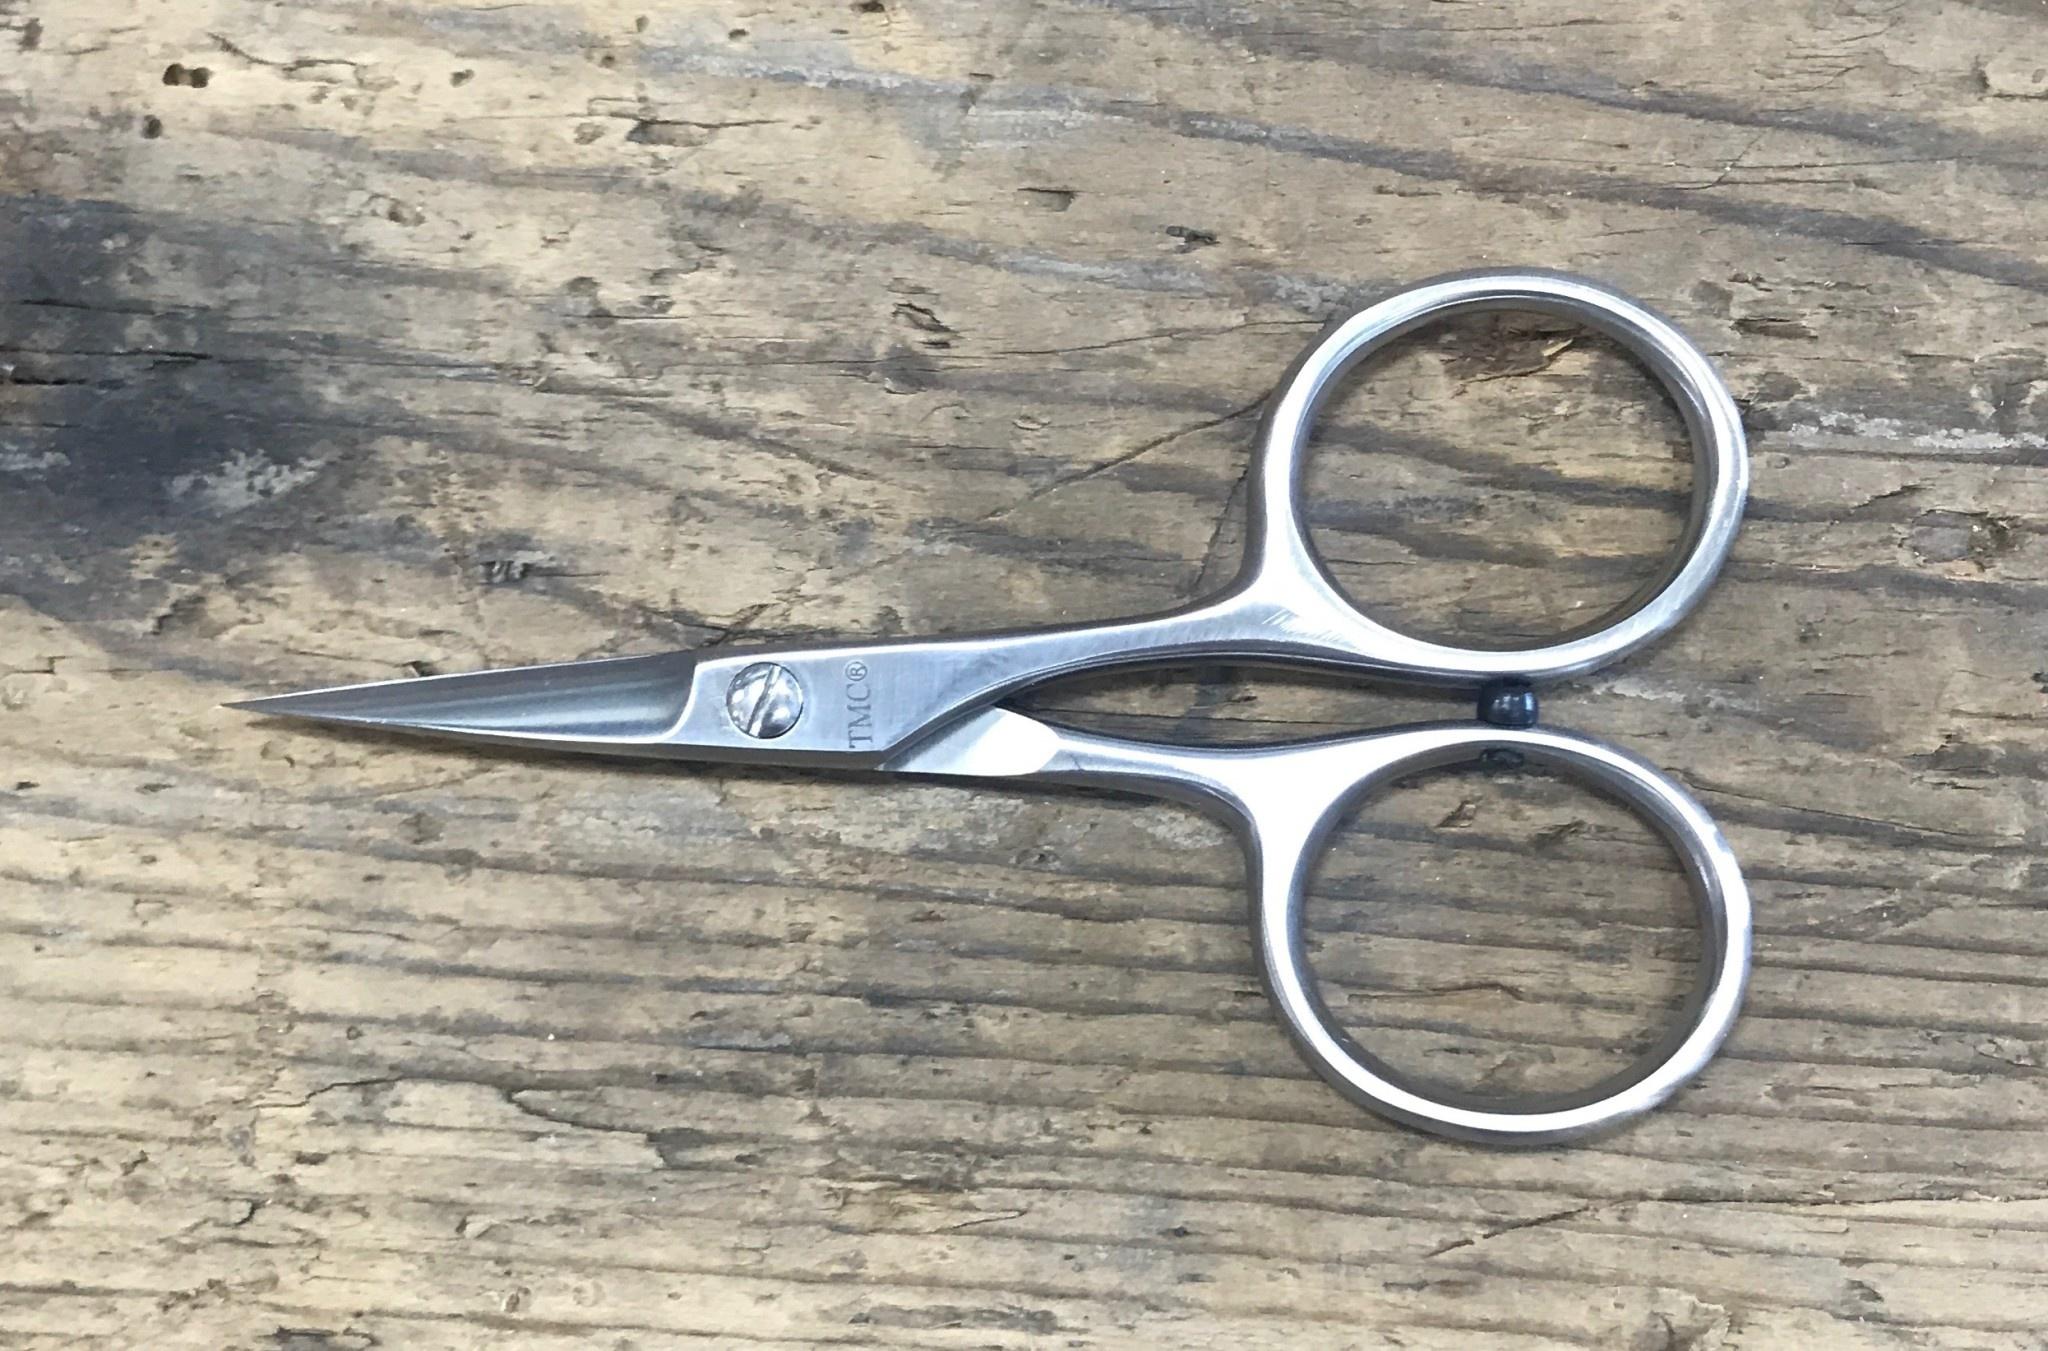 Tiemco Razor Scissors